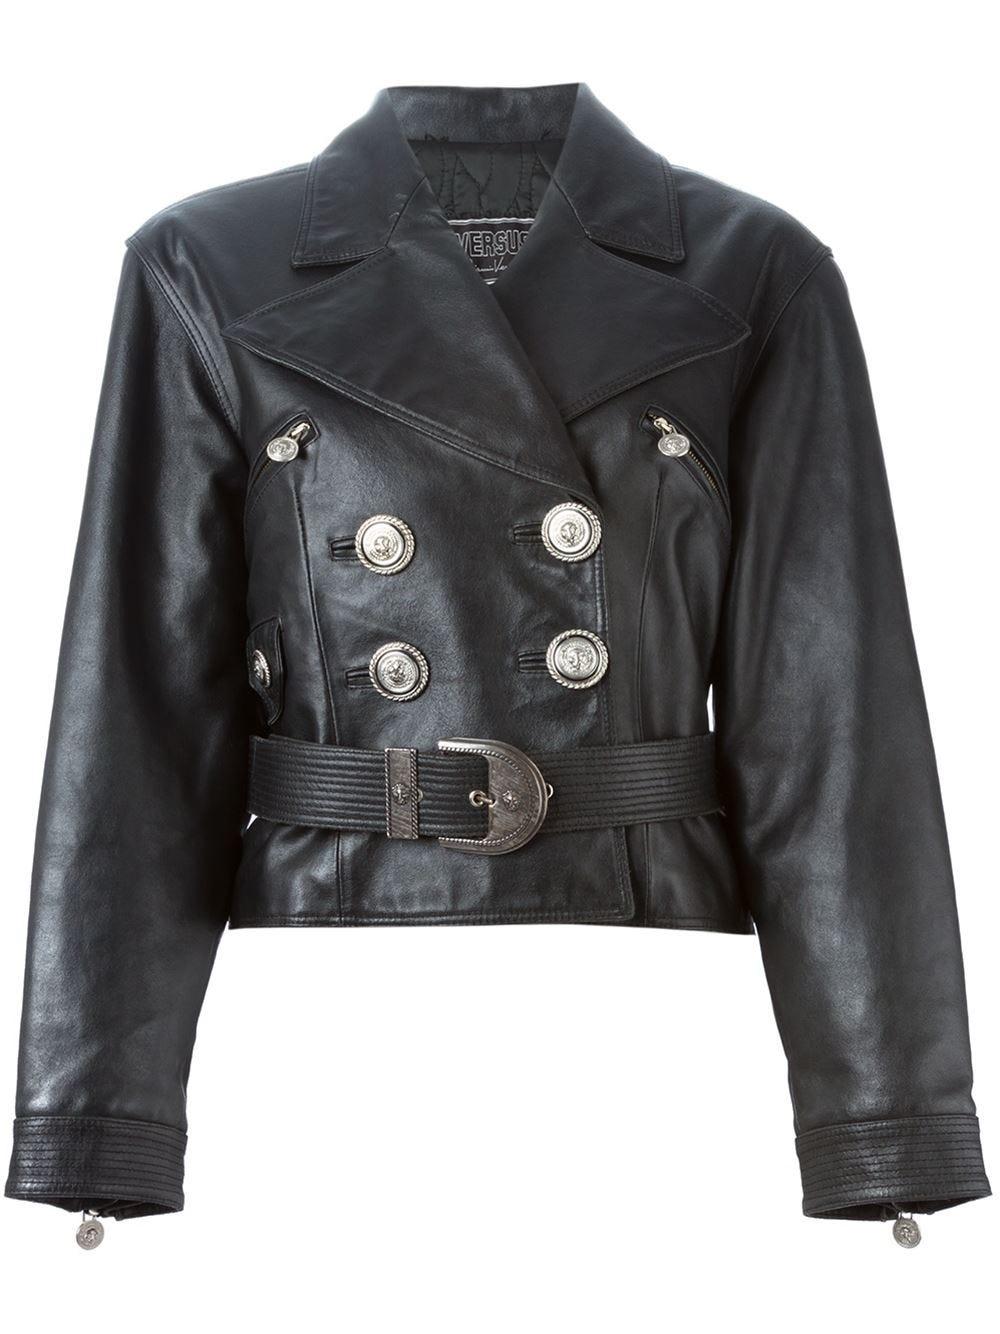 Leather jacket size 18 - Leather Jacket Size 18 28